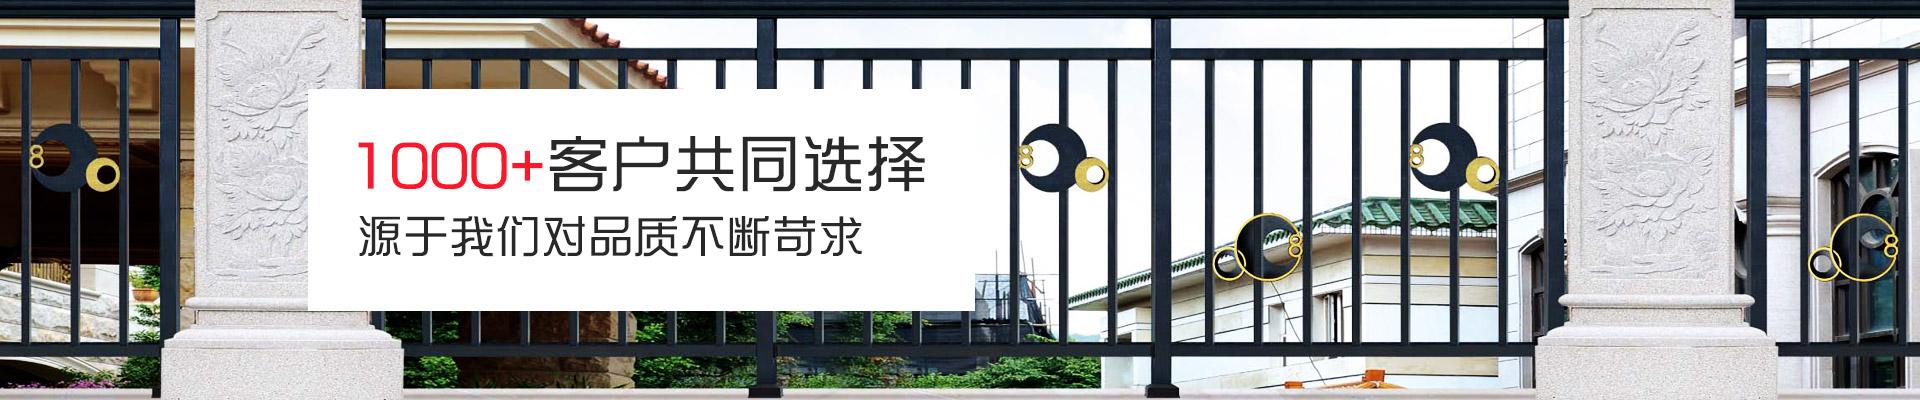 汉仁1000+客户共同选择 · 源于我们对品质不断苛求